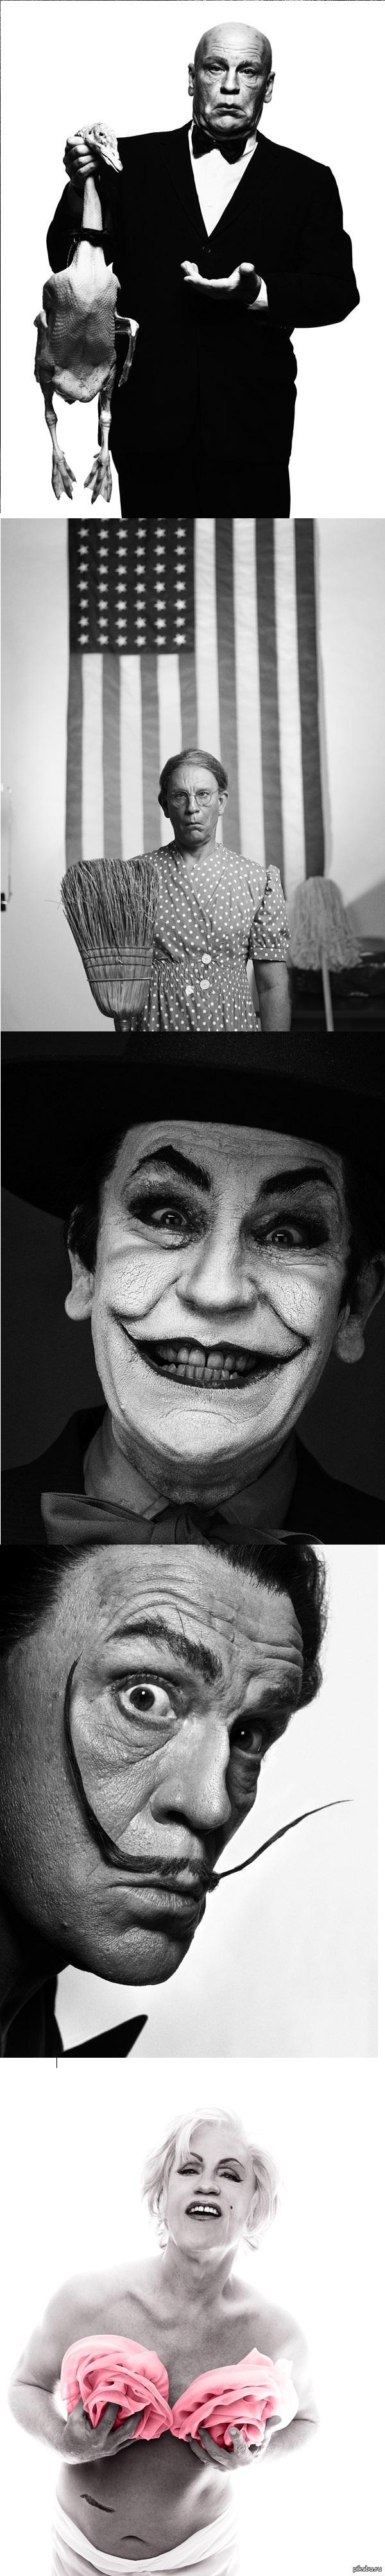 Малкович, Малкович, Малкович Переснятые шедевры от фотографа Сандро Миллера. В главной роли восхитительный и неповторимый Джон Малкович.